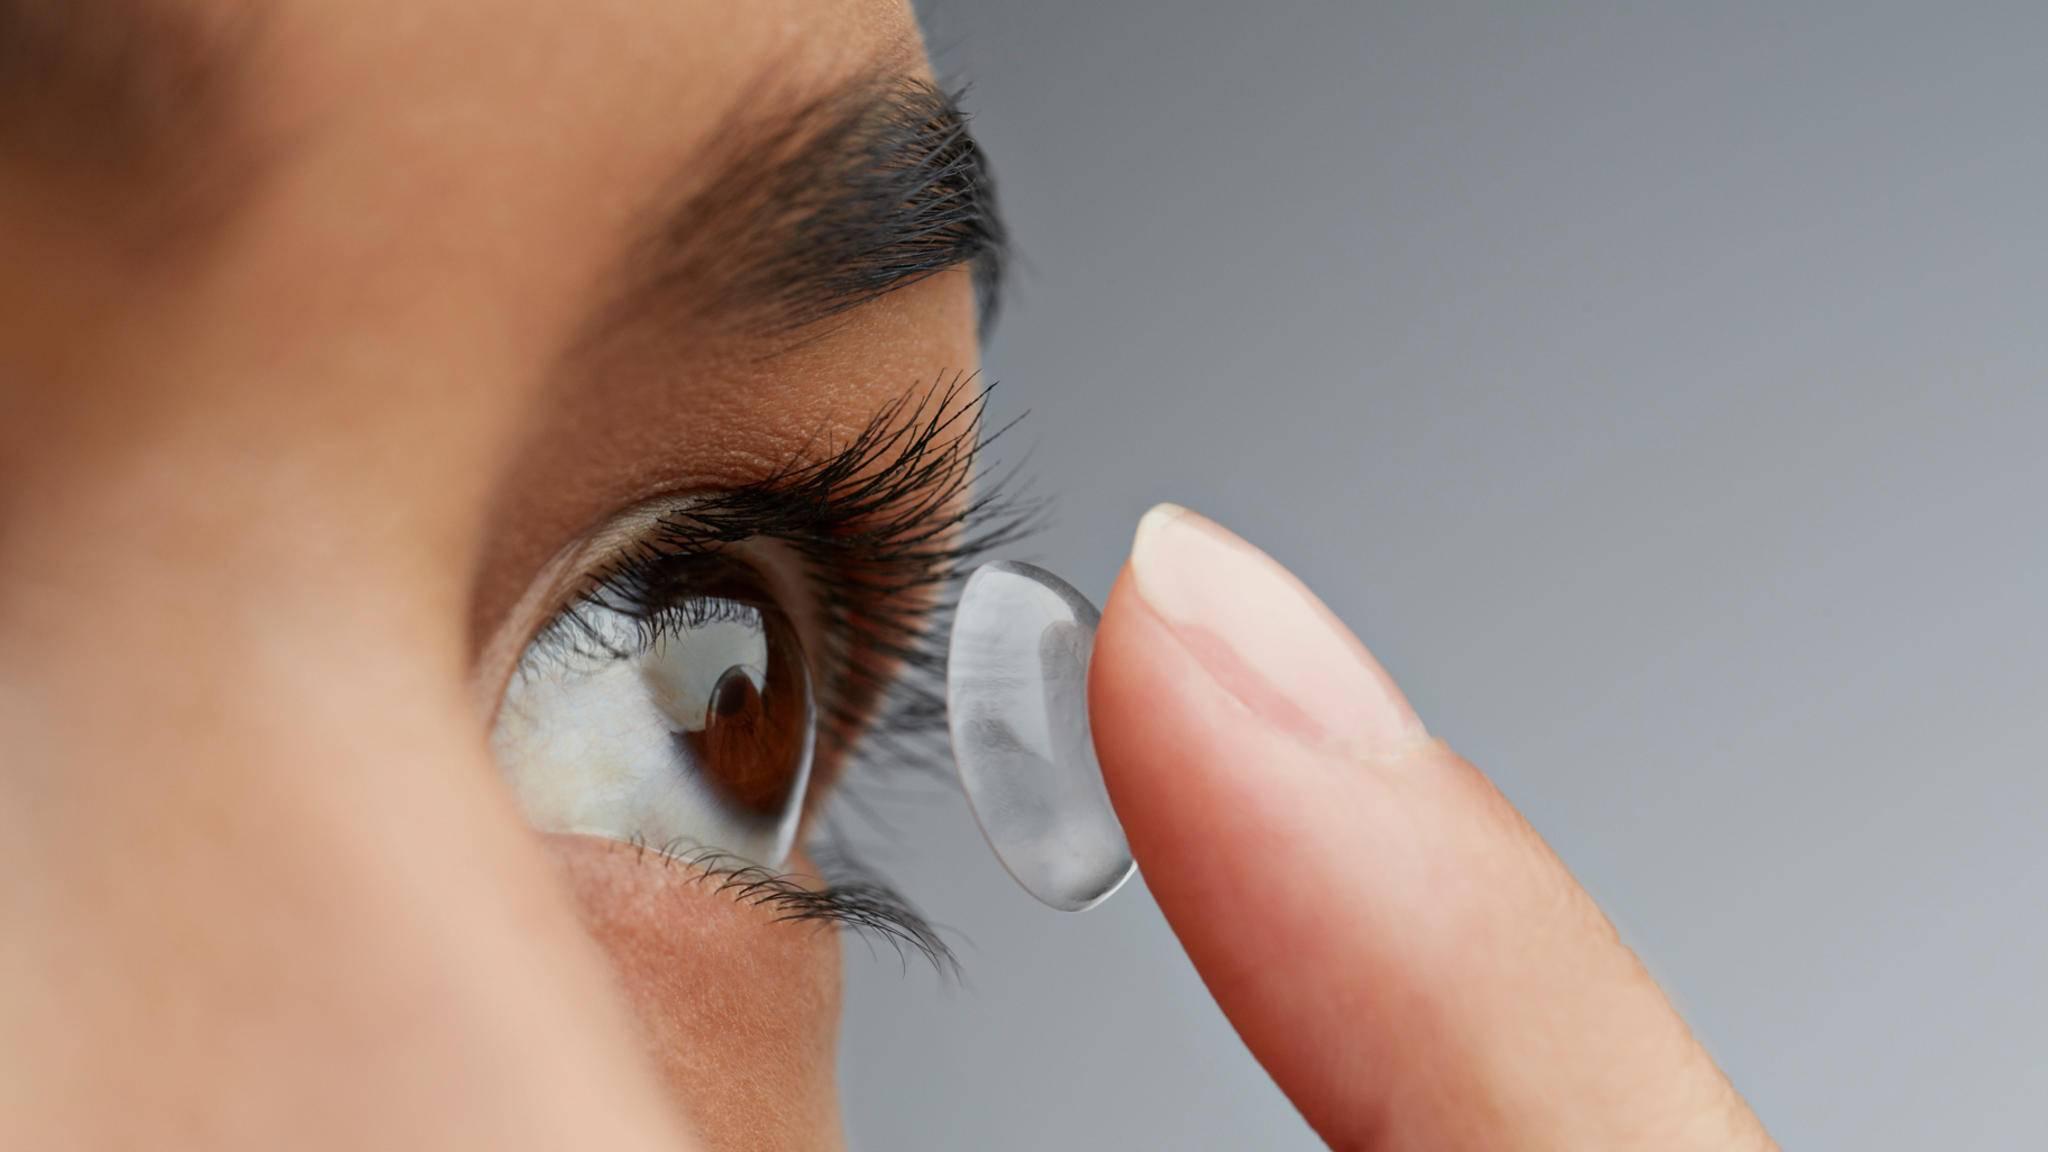 Kontaktlinsen können bald die Augen vor Sonnenlicht schützen.